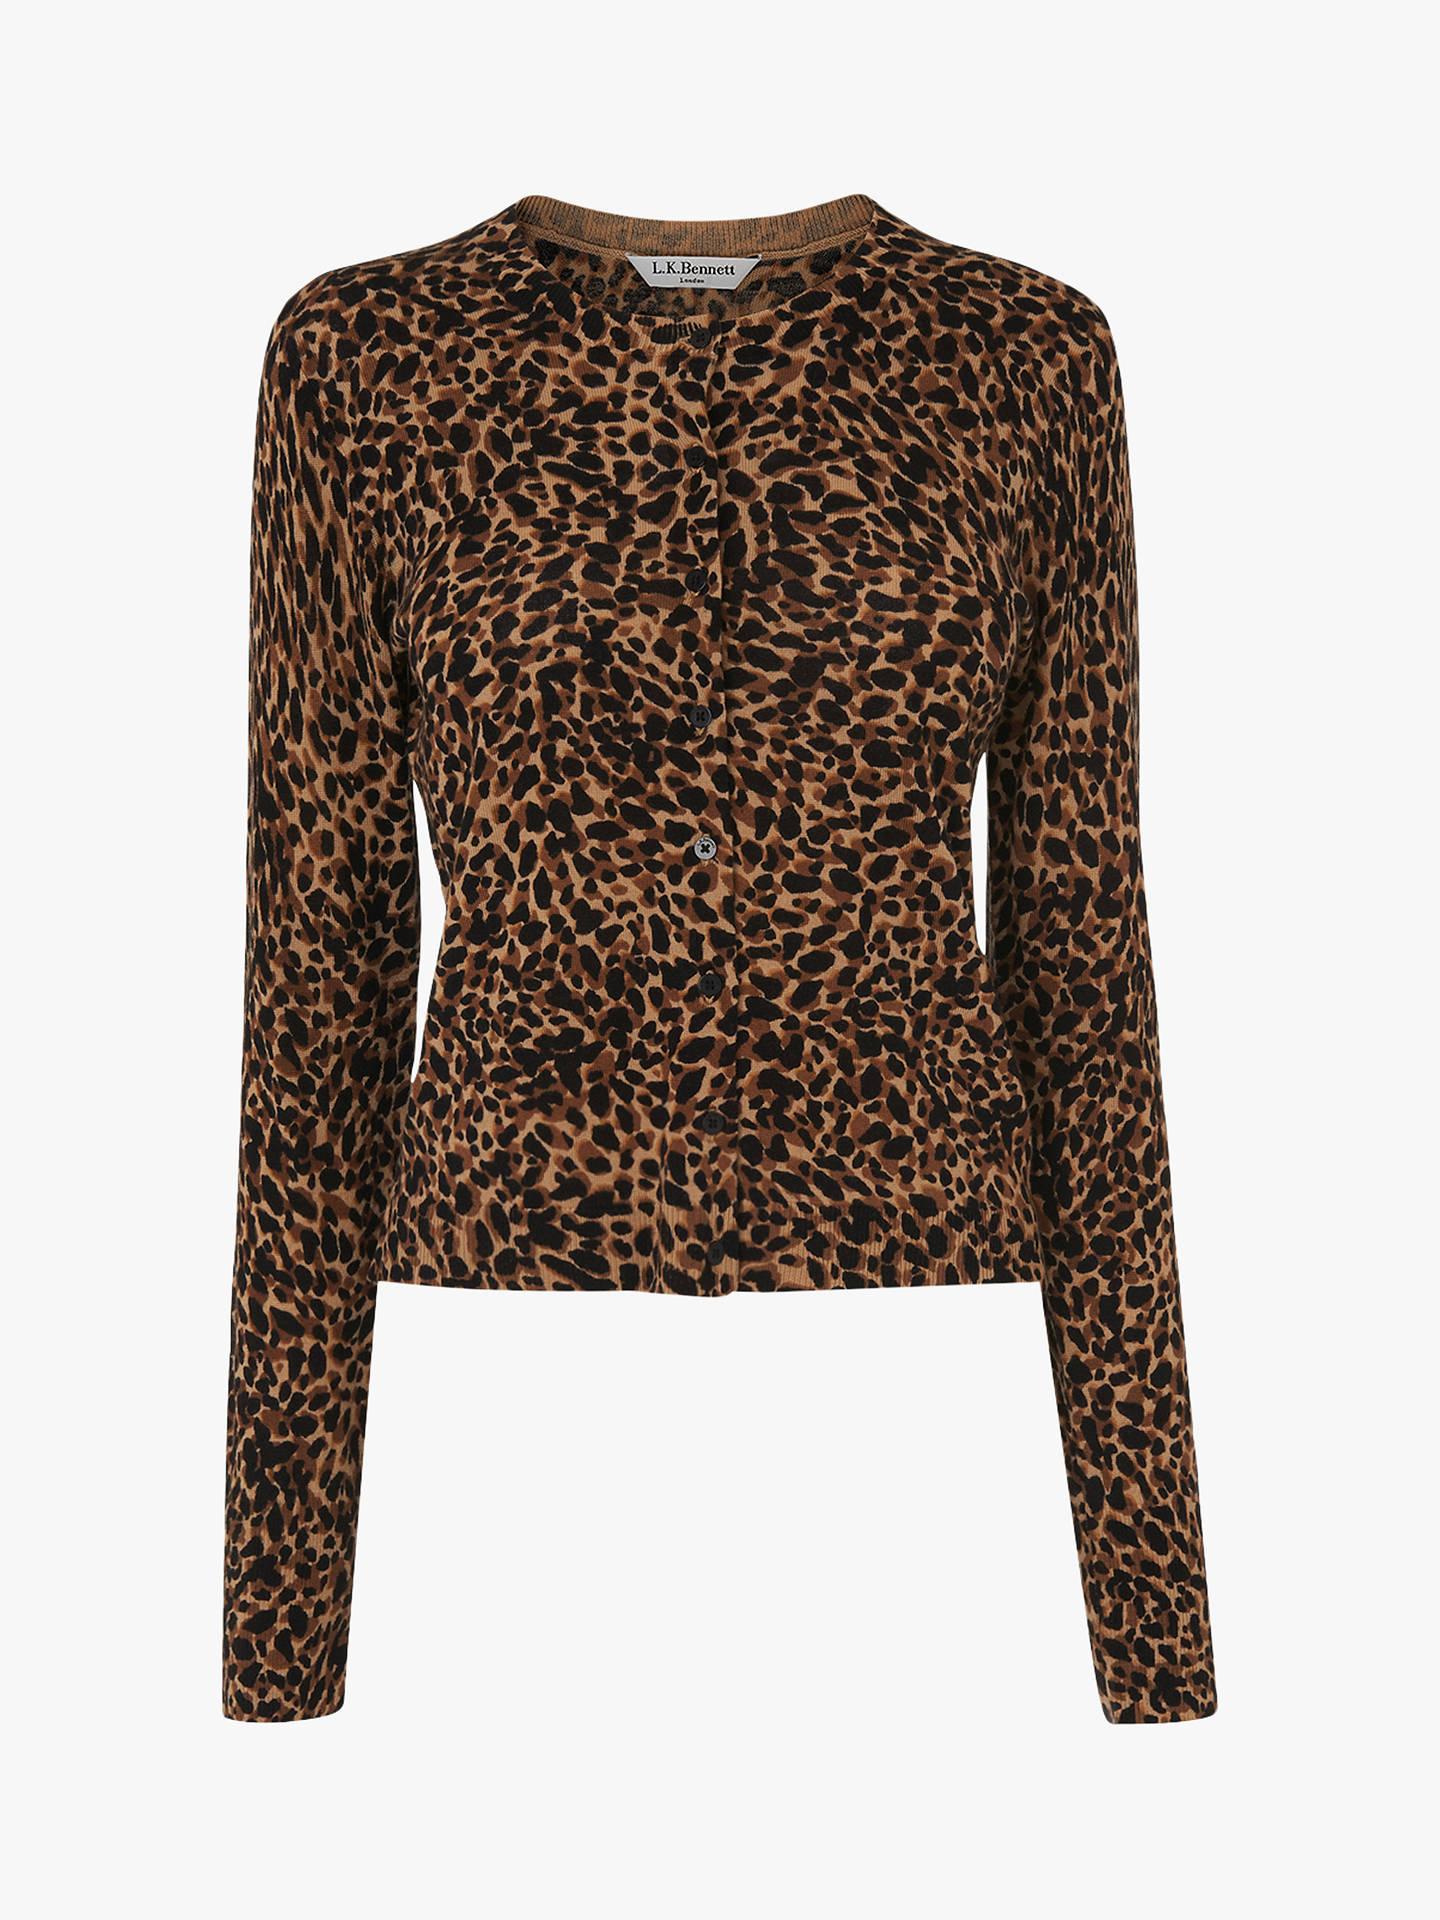 5276bc6d2 L.K.Bennett Leopard Print Nestie Cardigan